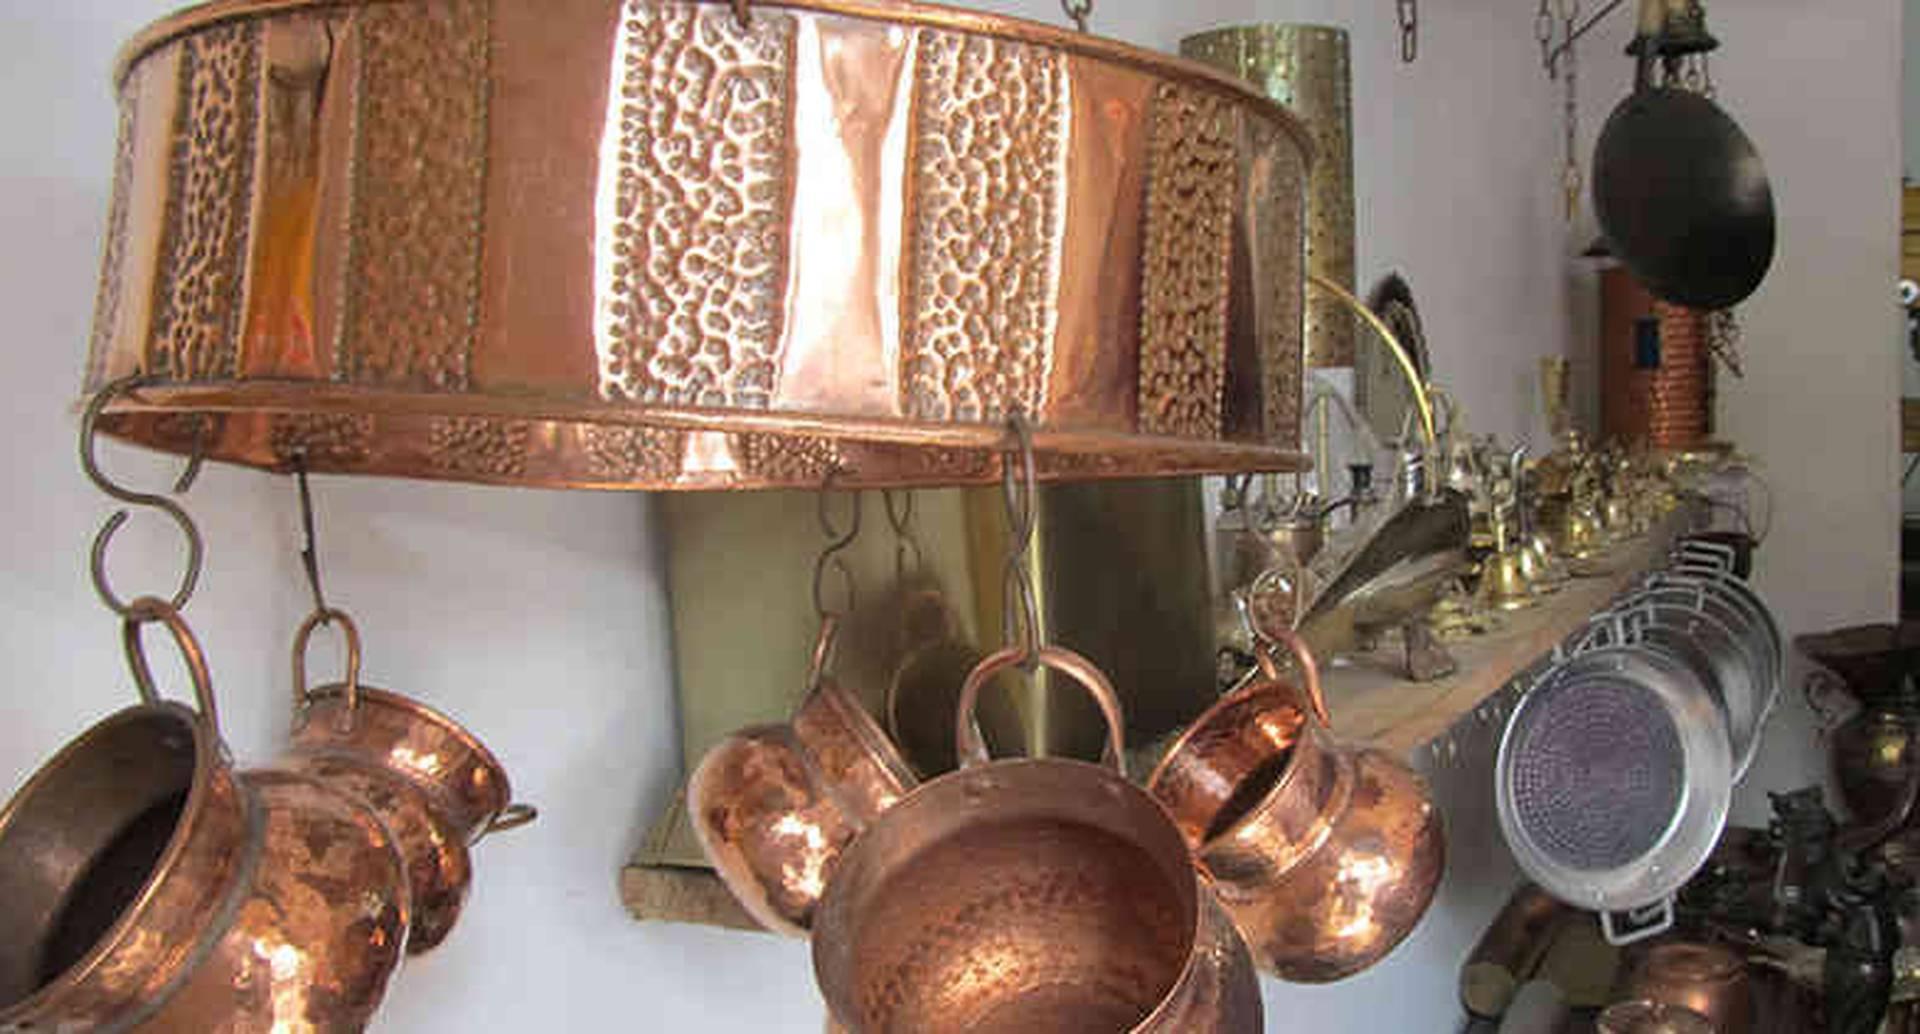 Para estas artesanías los gitanos solo usan fuego, martillo y los ungüentos familiares, no usan técnicas modernas y en ocasiones recurren al taladro o cortador eléctrico. Fotografía vía: Vanessa López Suaza.